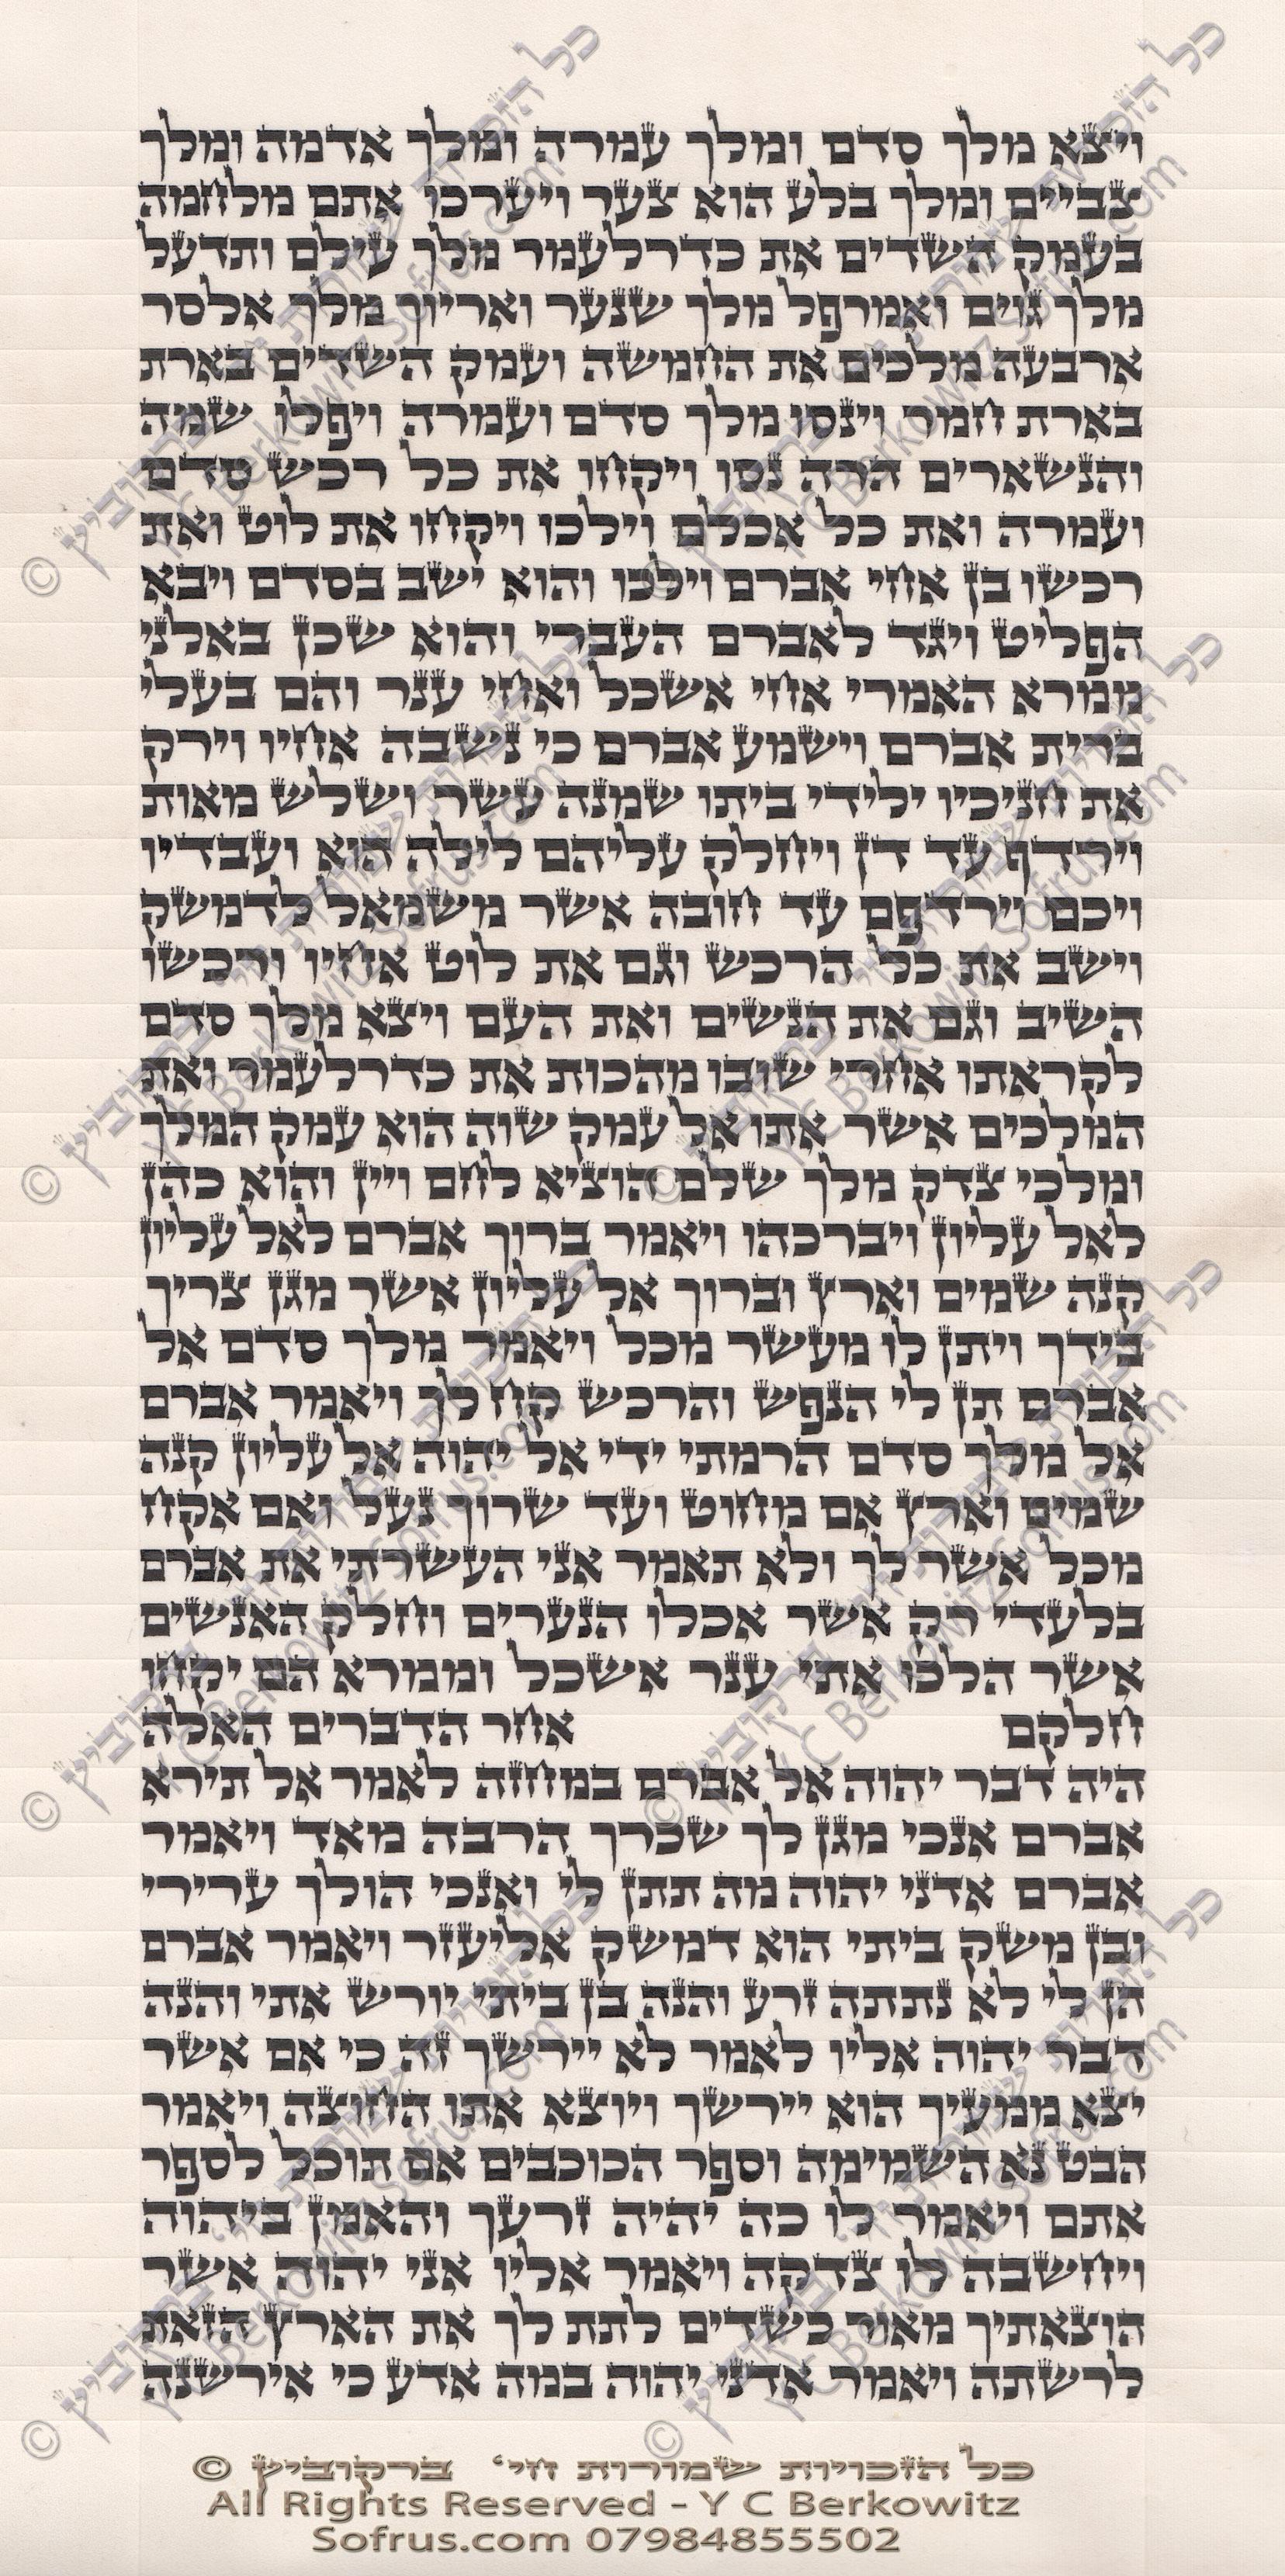 sefer-torah-14-lech